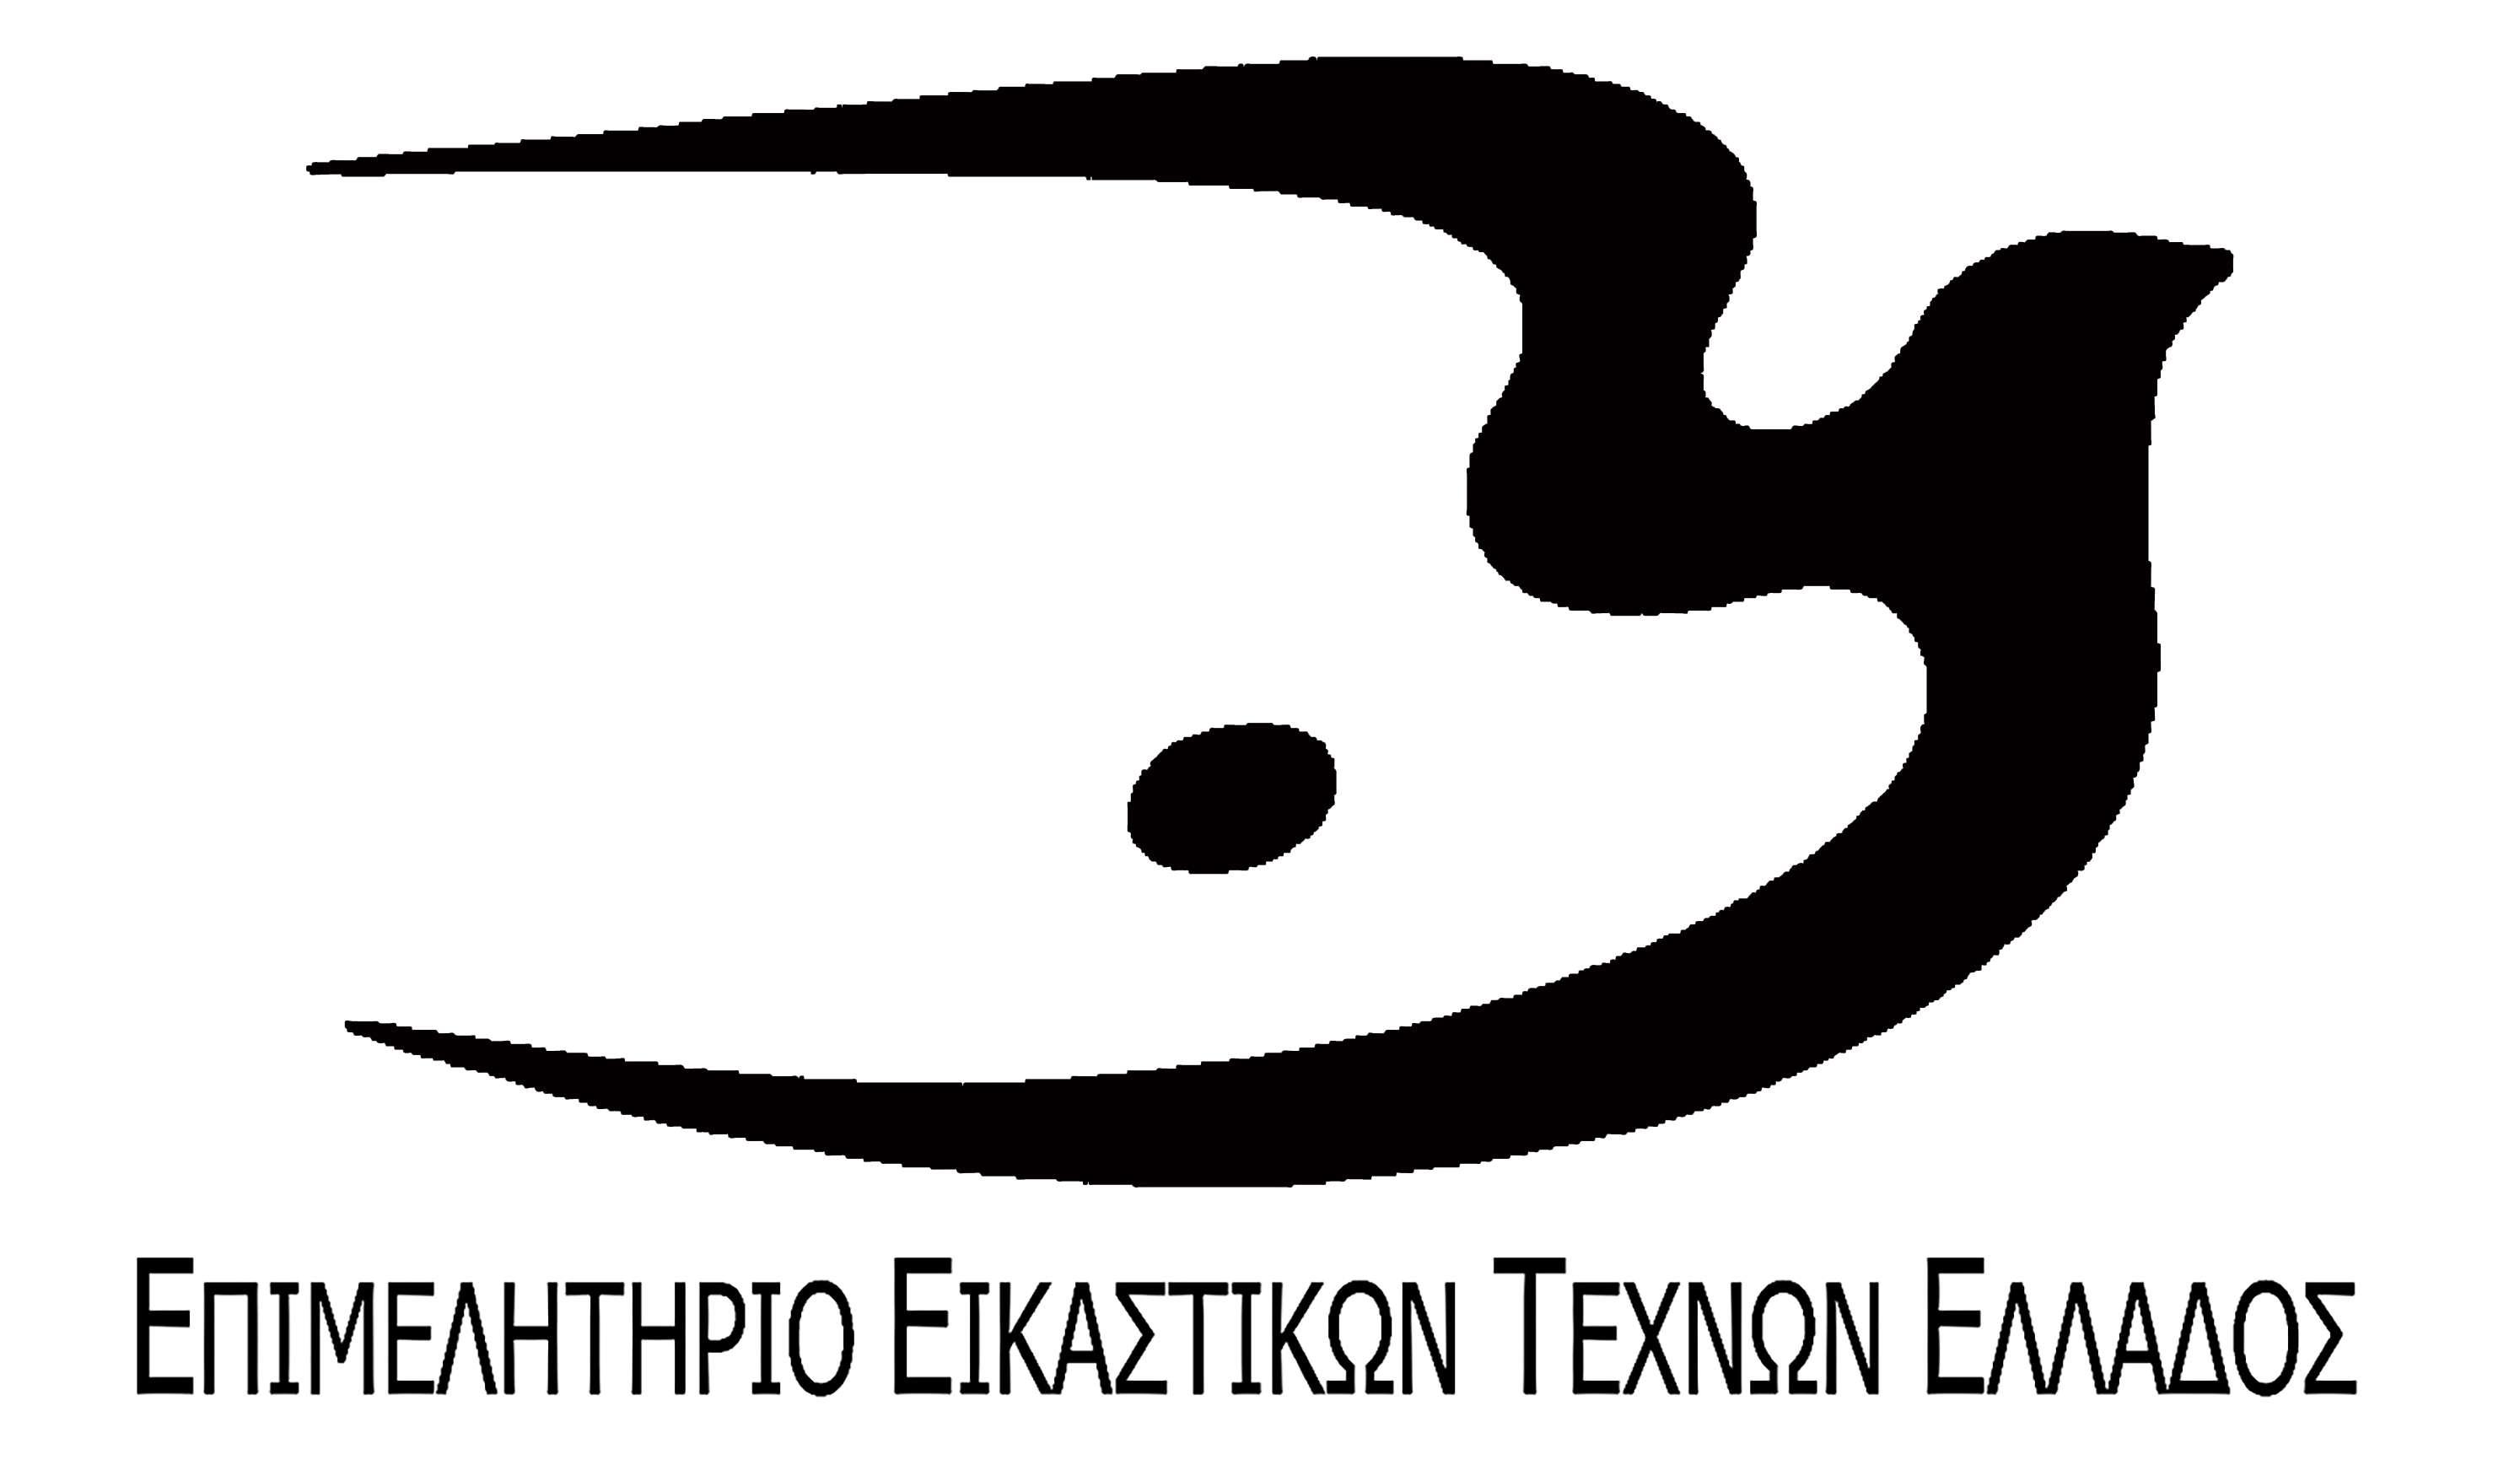 Επιμελητήριο Εικαστικών Ελλάδας logo